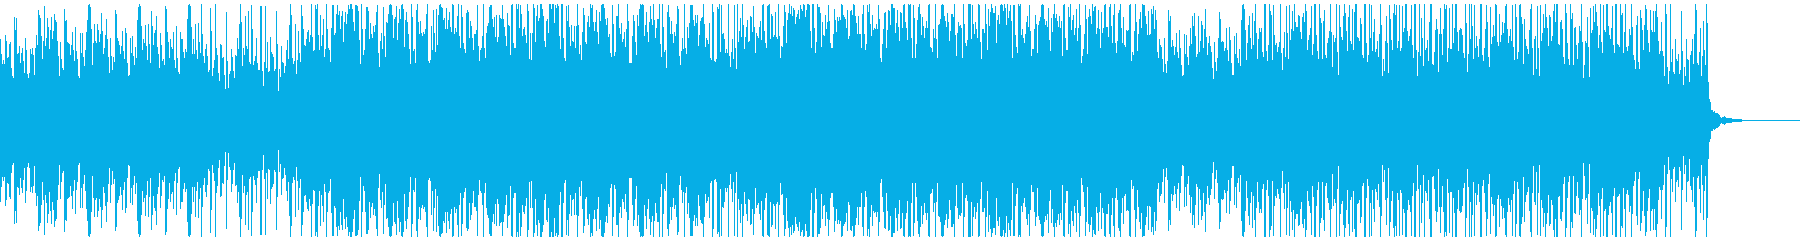 オープニング向けピアノの再生済みの波形